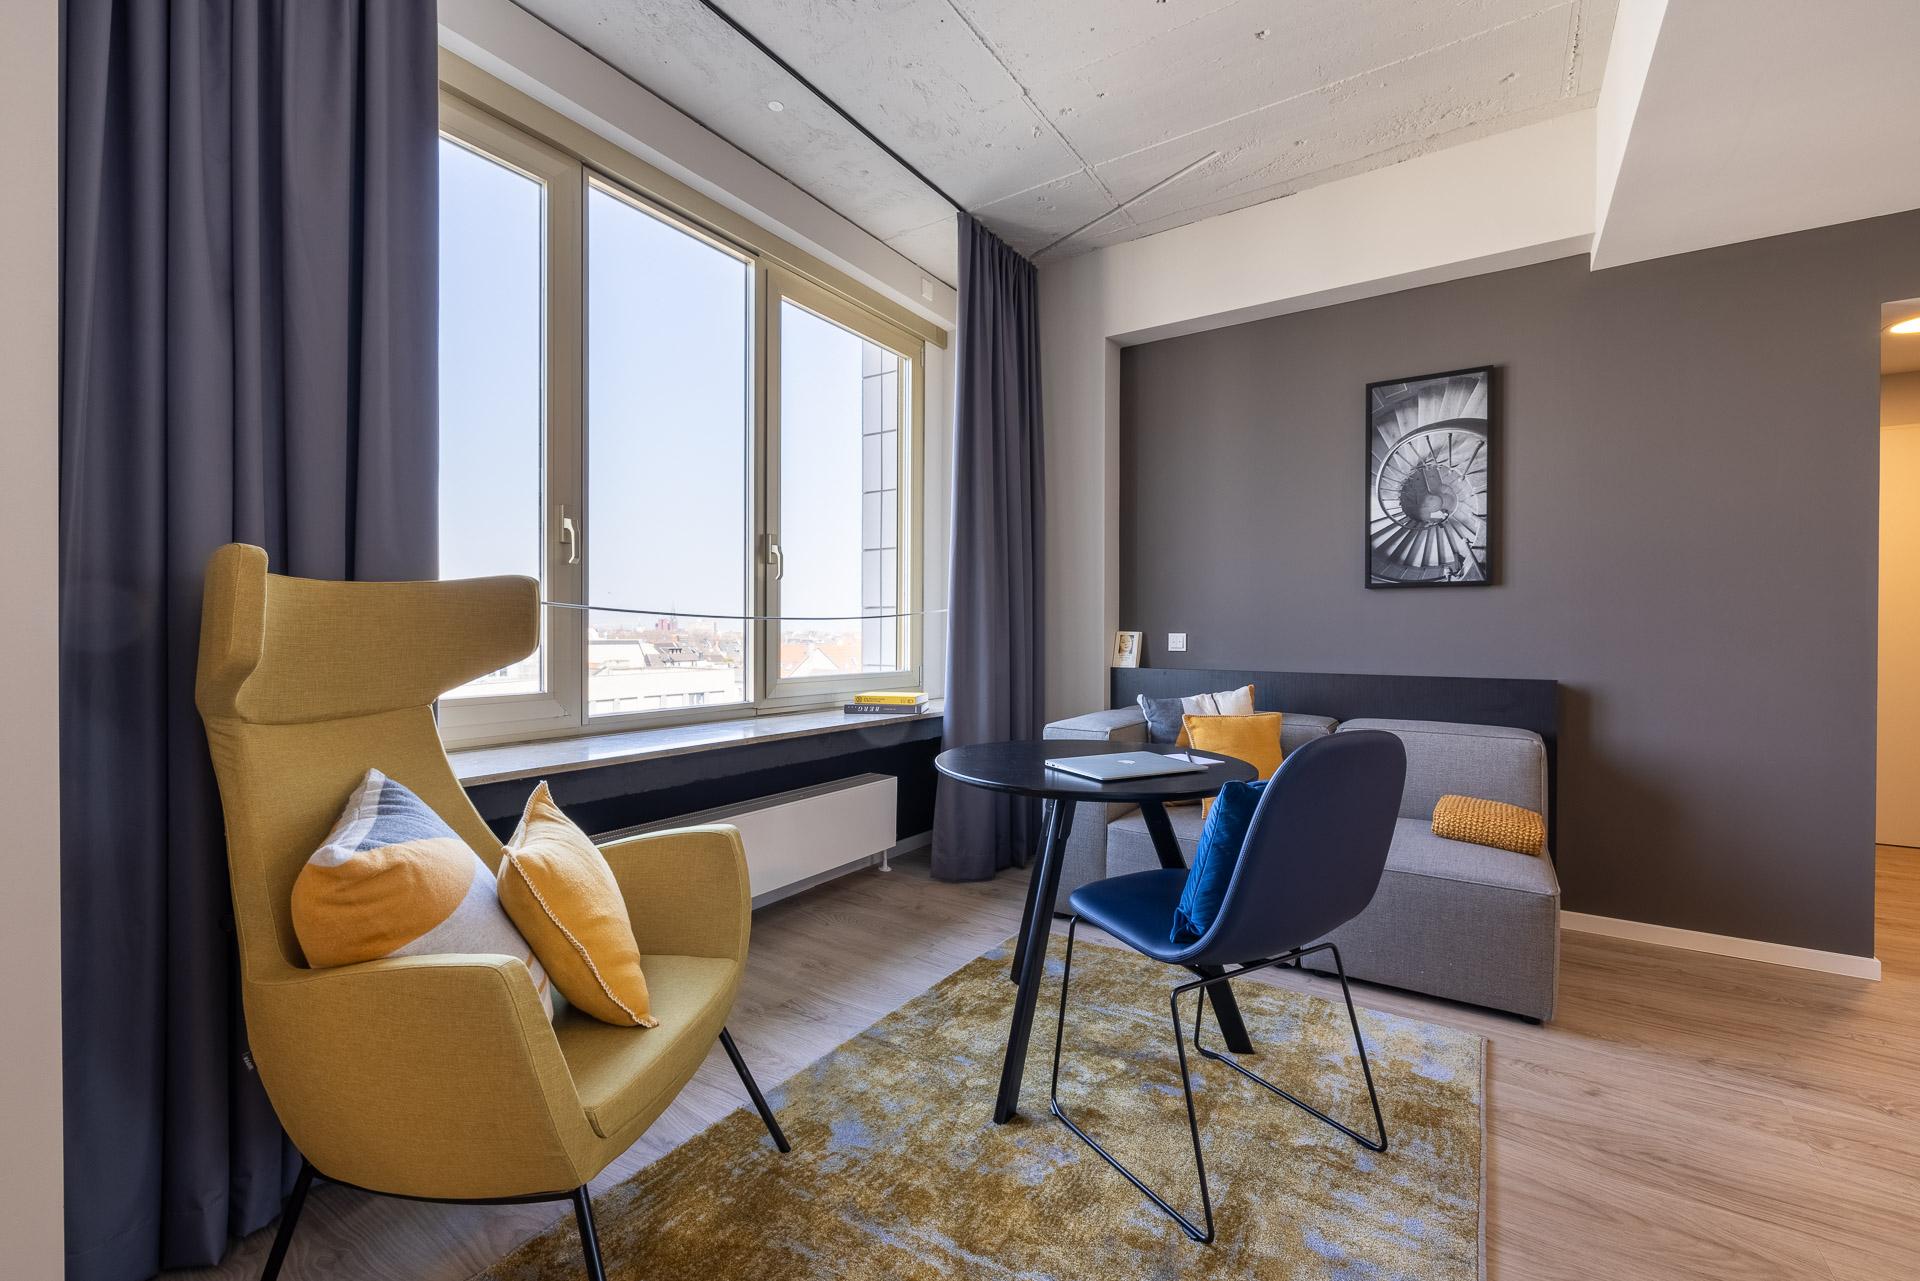 gelber Sessel, Tische und Sofa im Studio Plus Apartment mit Skyline von Köln im Hintergrund